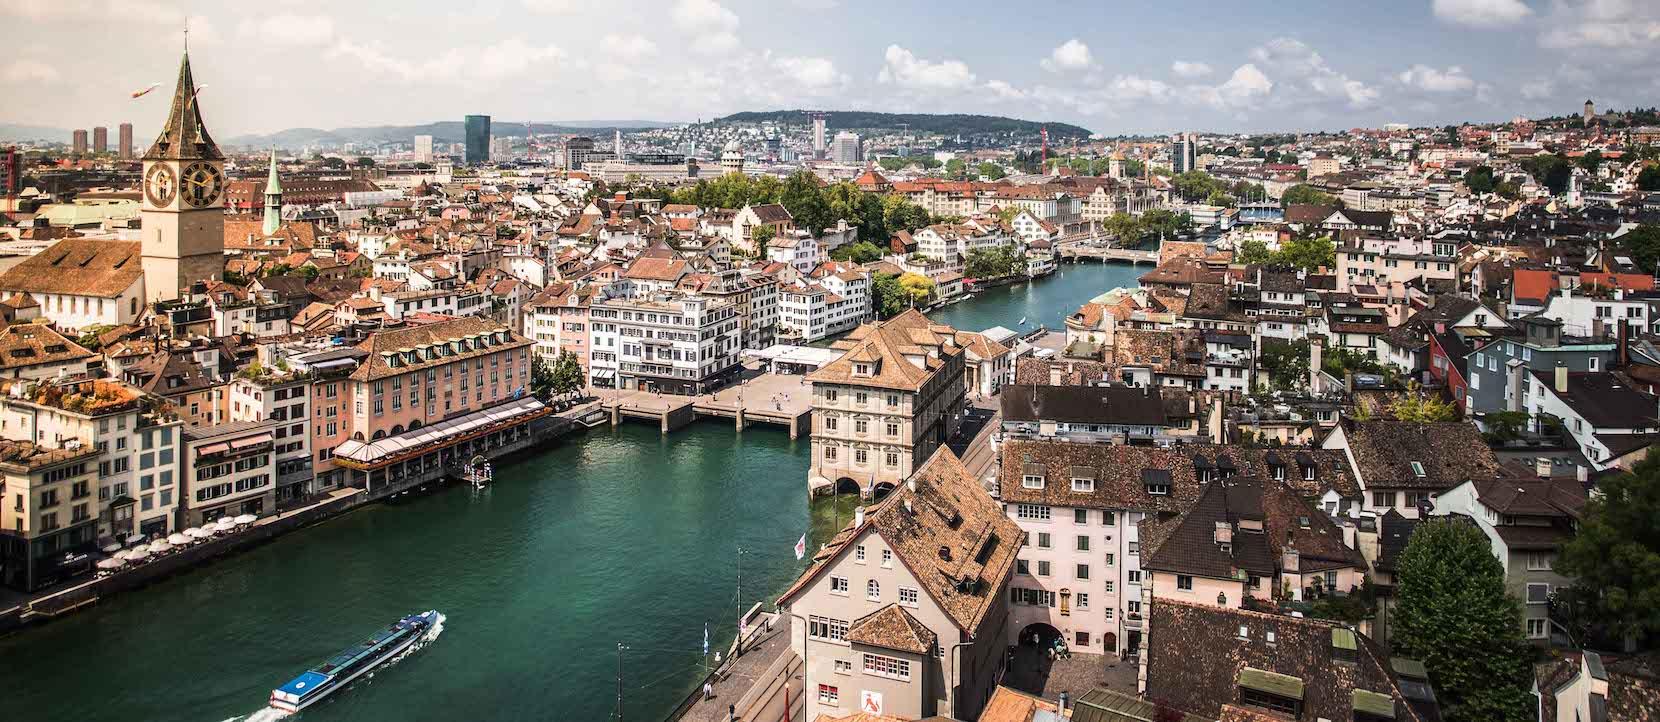 Widder hotel , Zurich / Switzerland